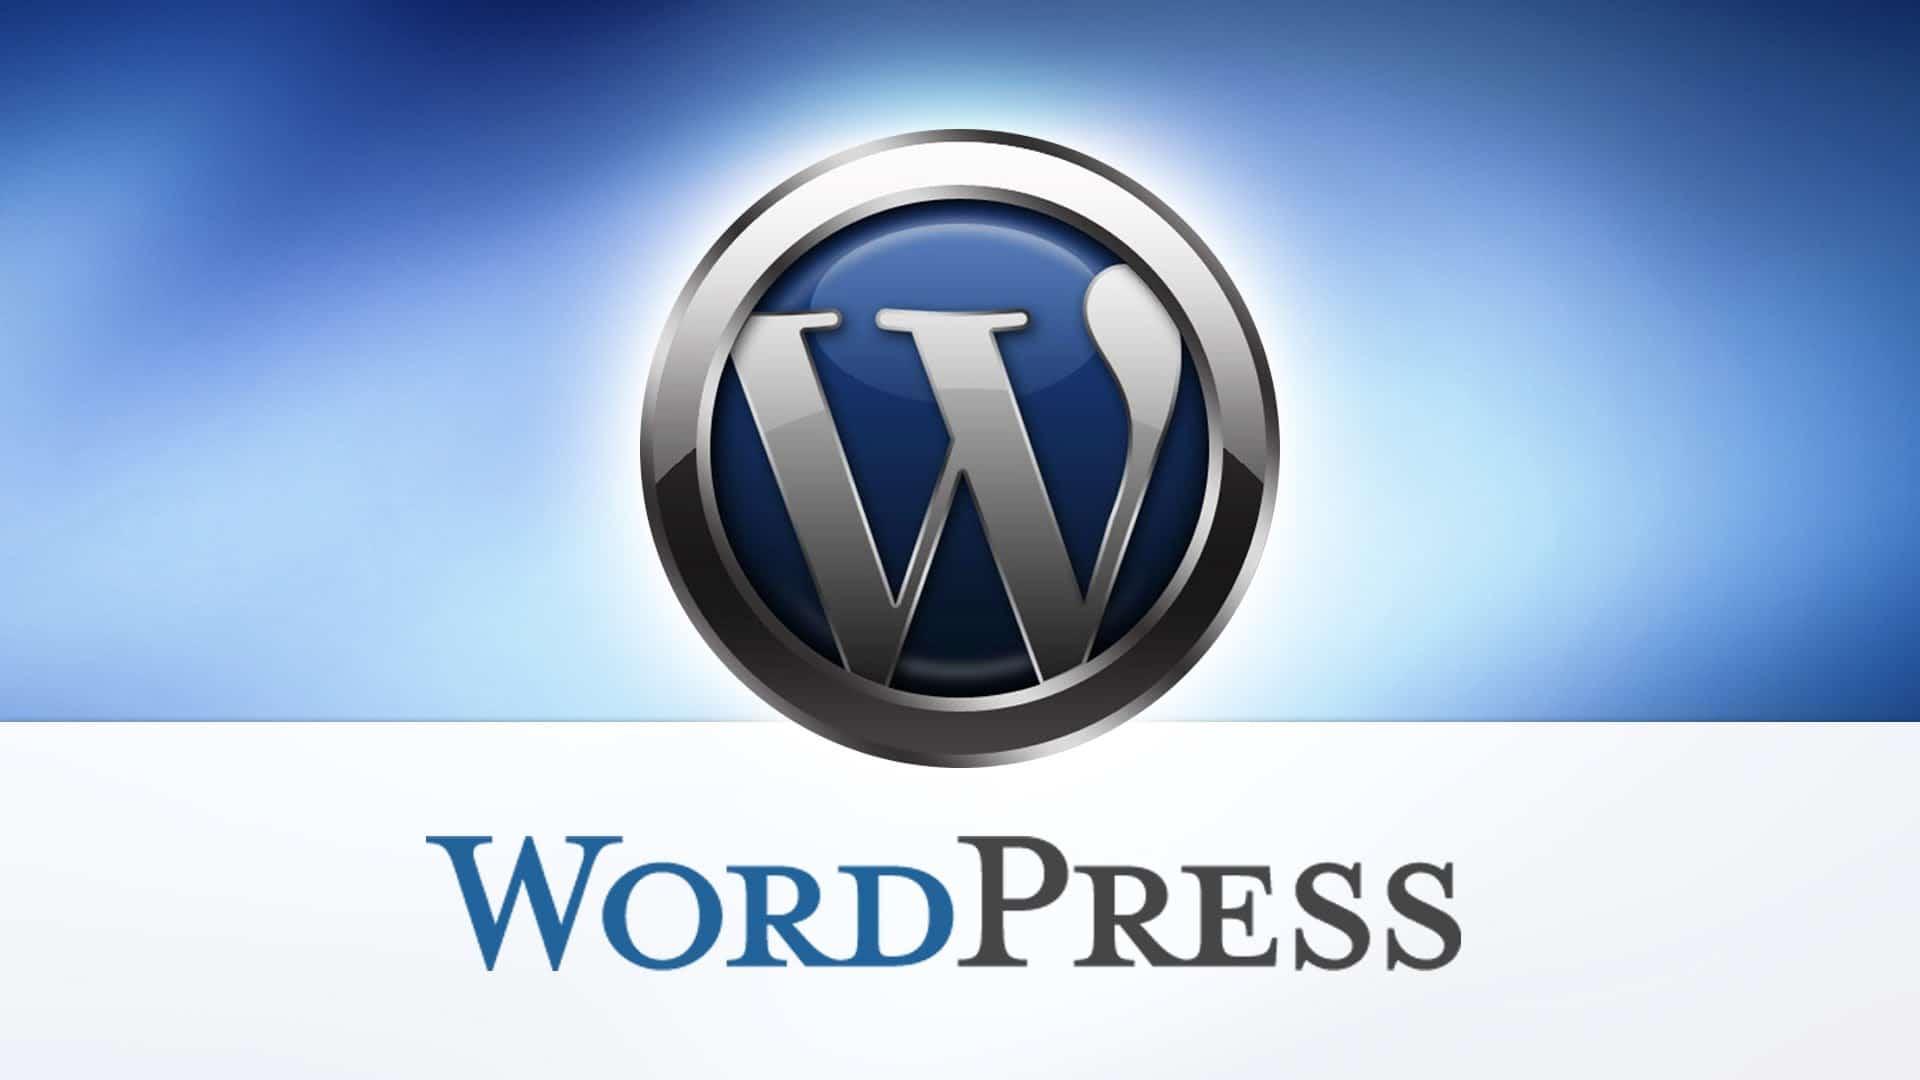 WordPress Website - Web Design Hong Kong